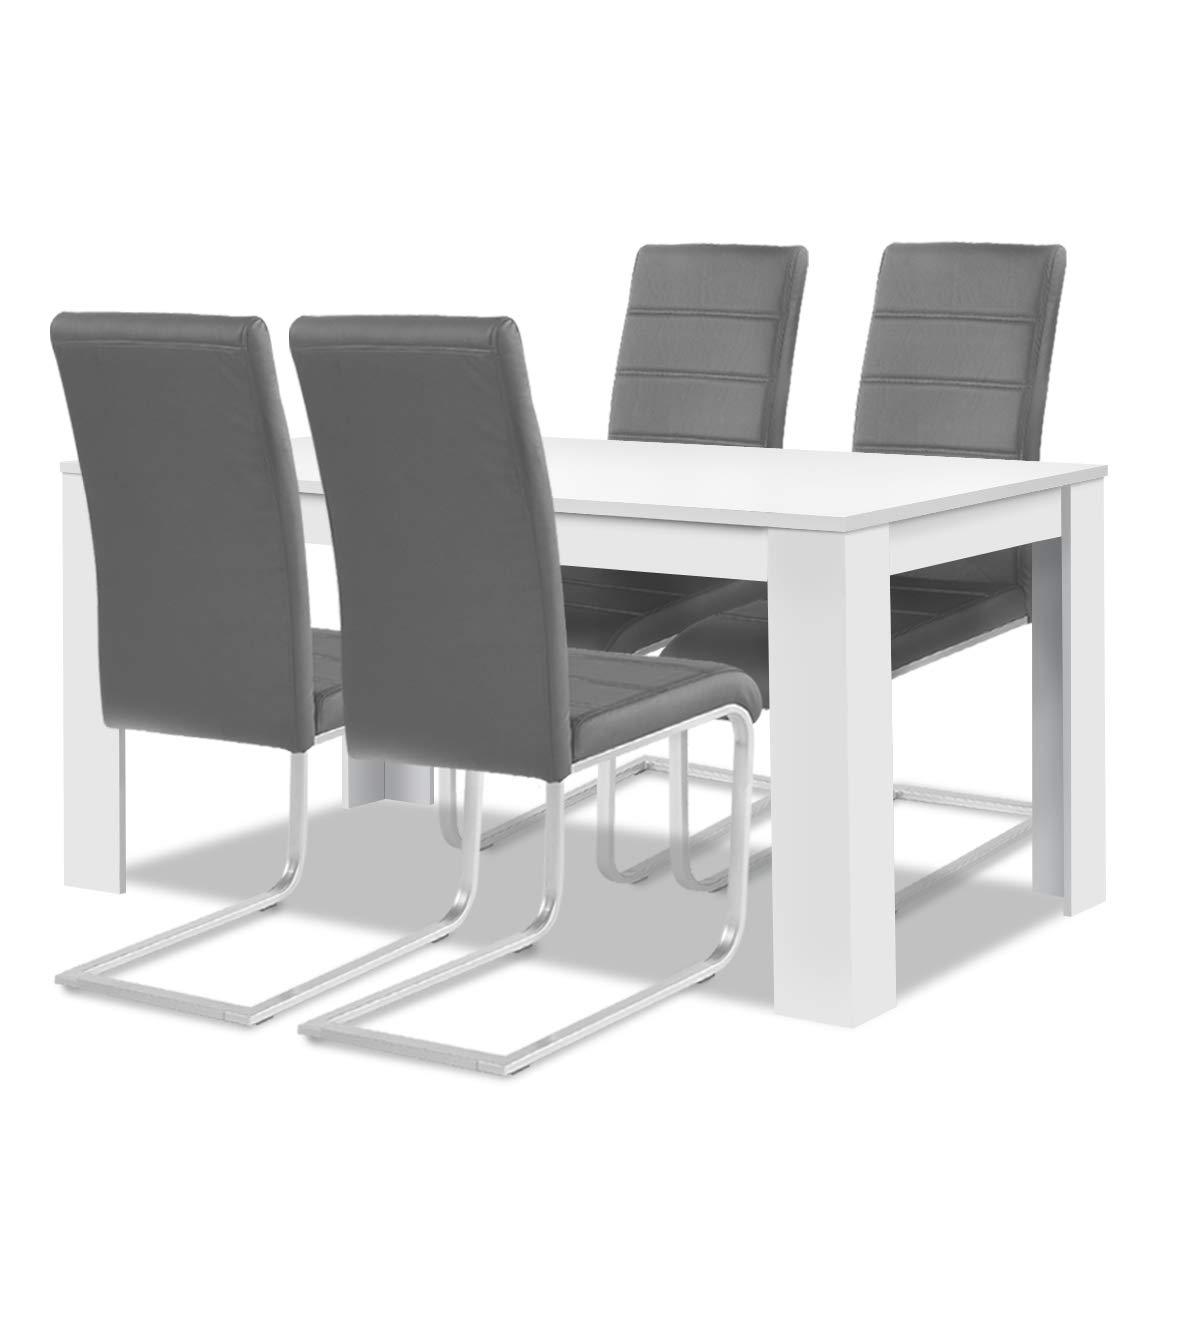 Agionda® Esstisch + Stuhlset   1 x Esstisch Toledo Weiss + 4 Freischwinger Jan Piet grau 120 kg